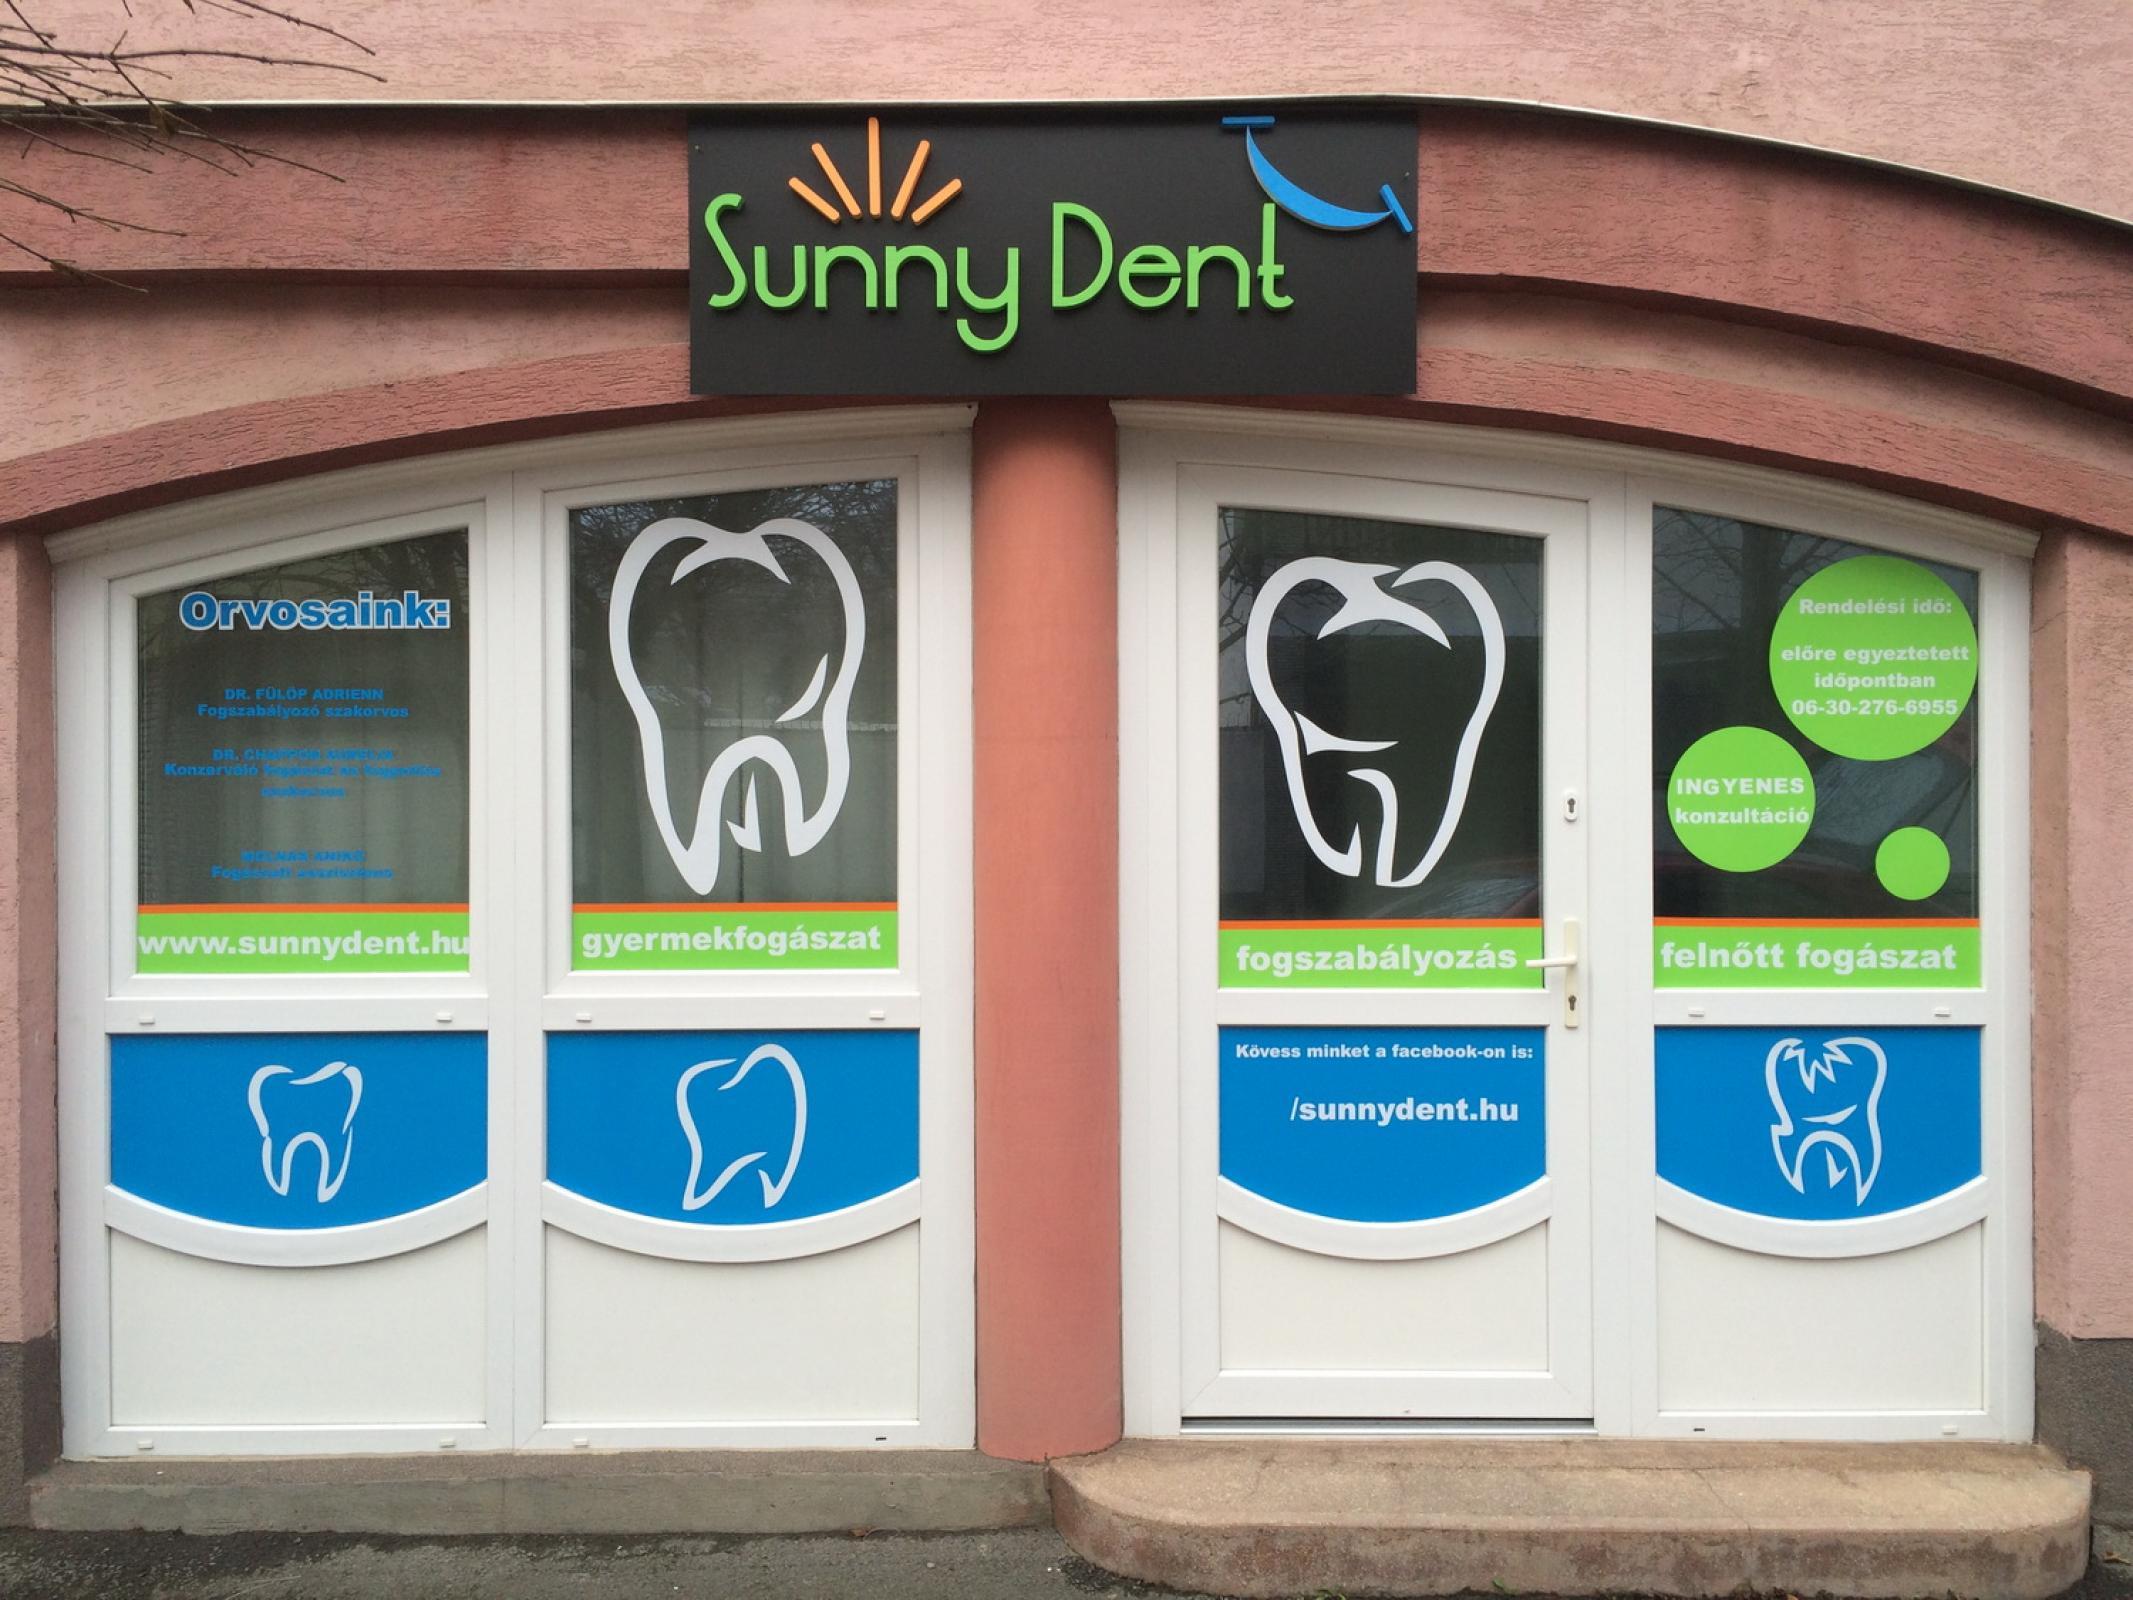 Sunny Dent